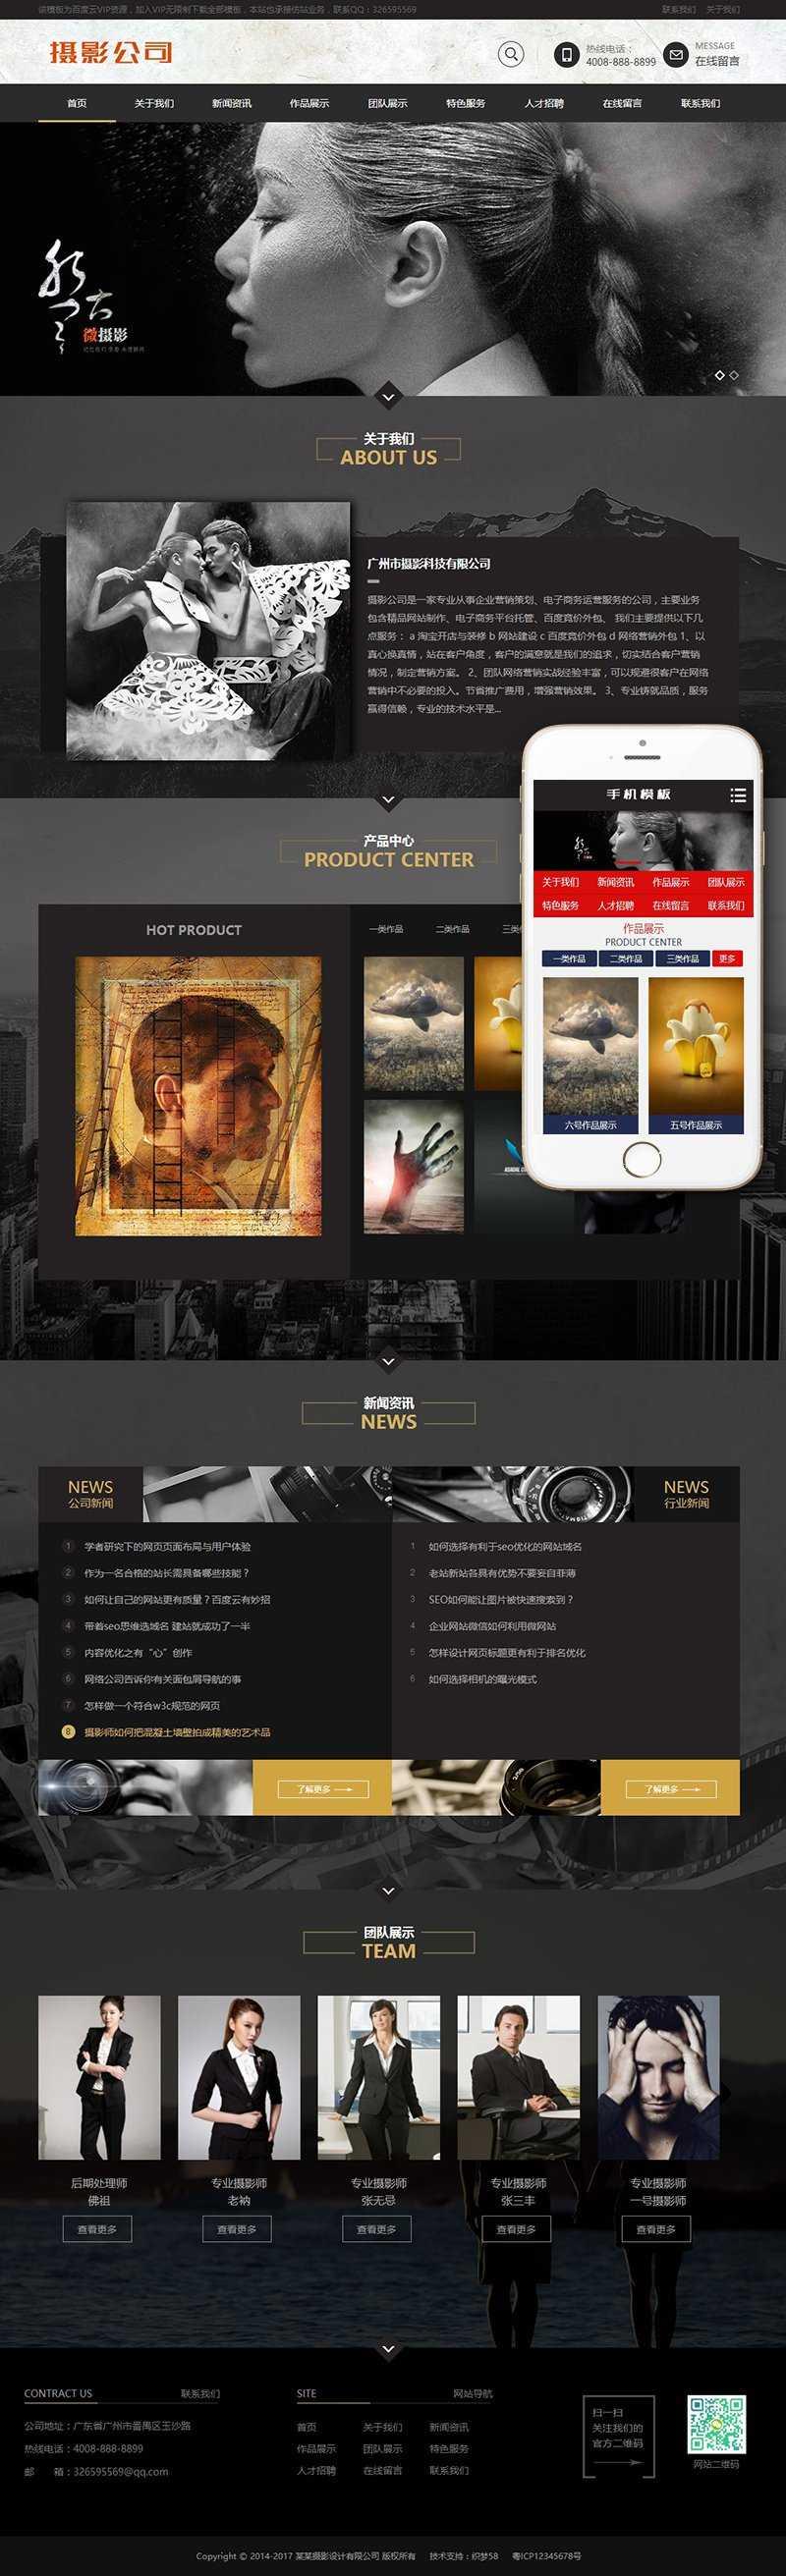 织梦黑色高端摄影设计类织梦模板(带手机端)_百家站